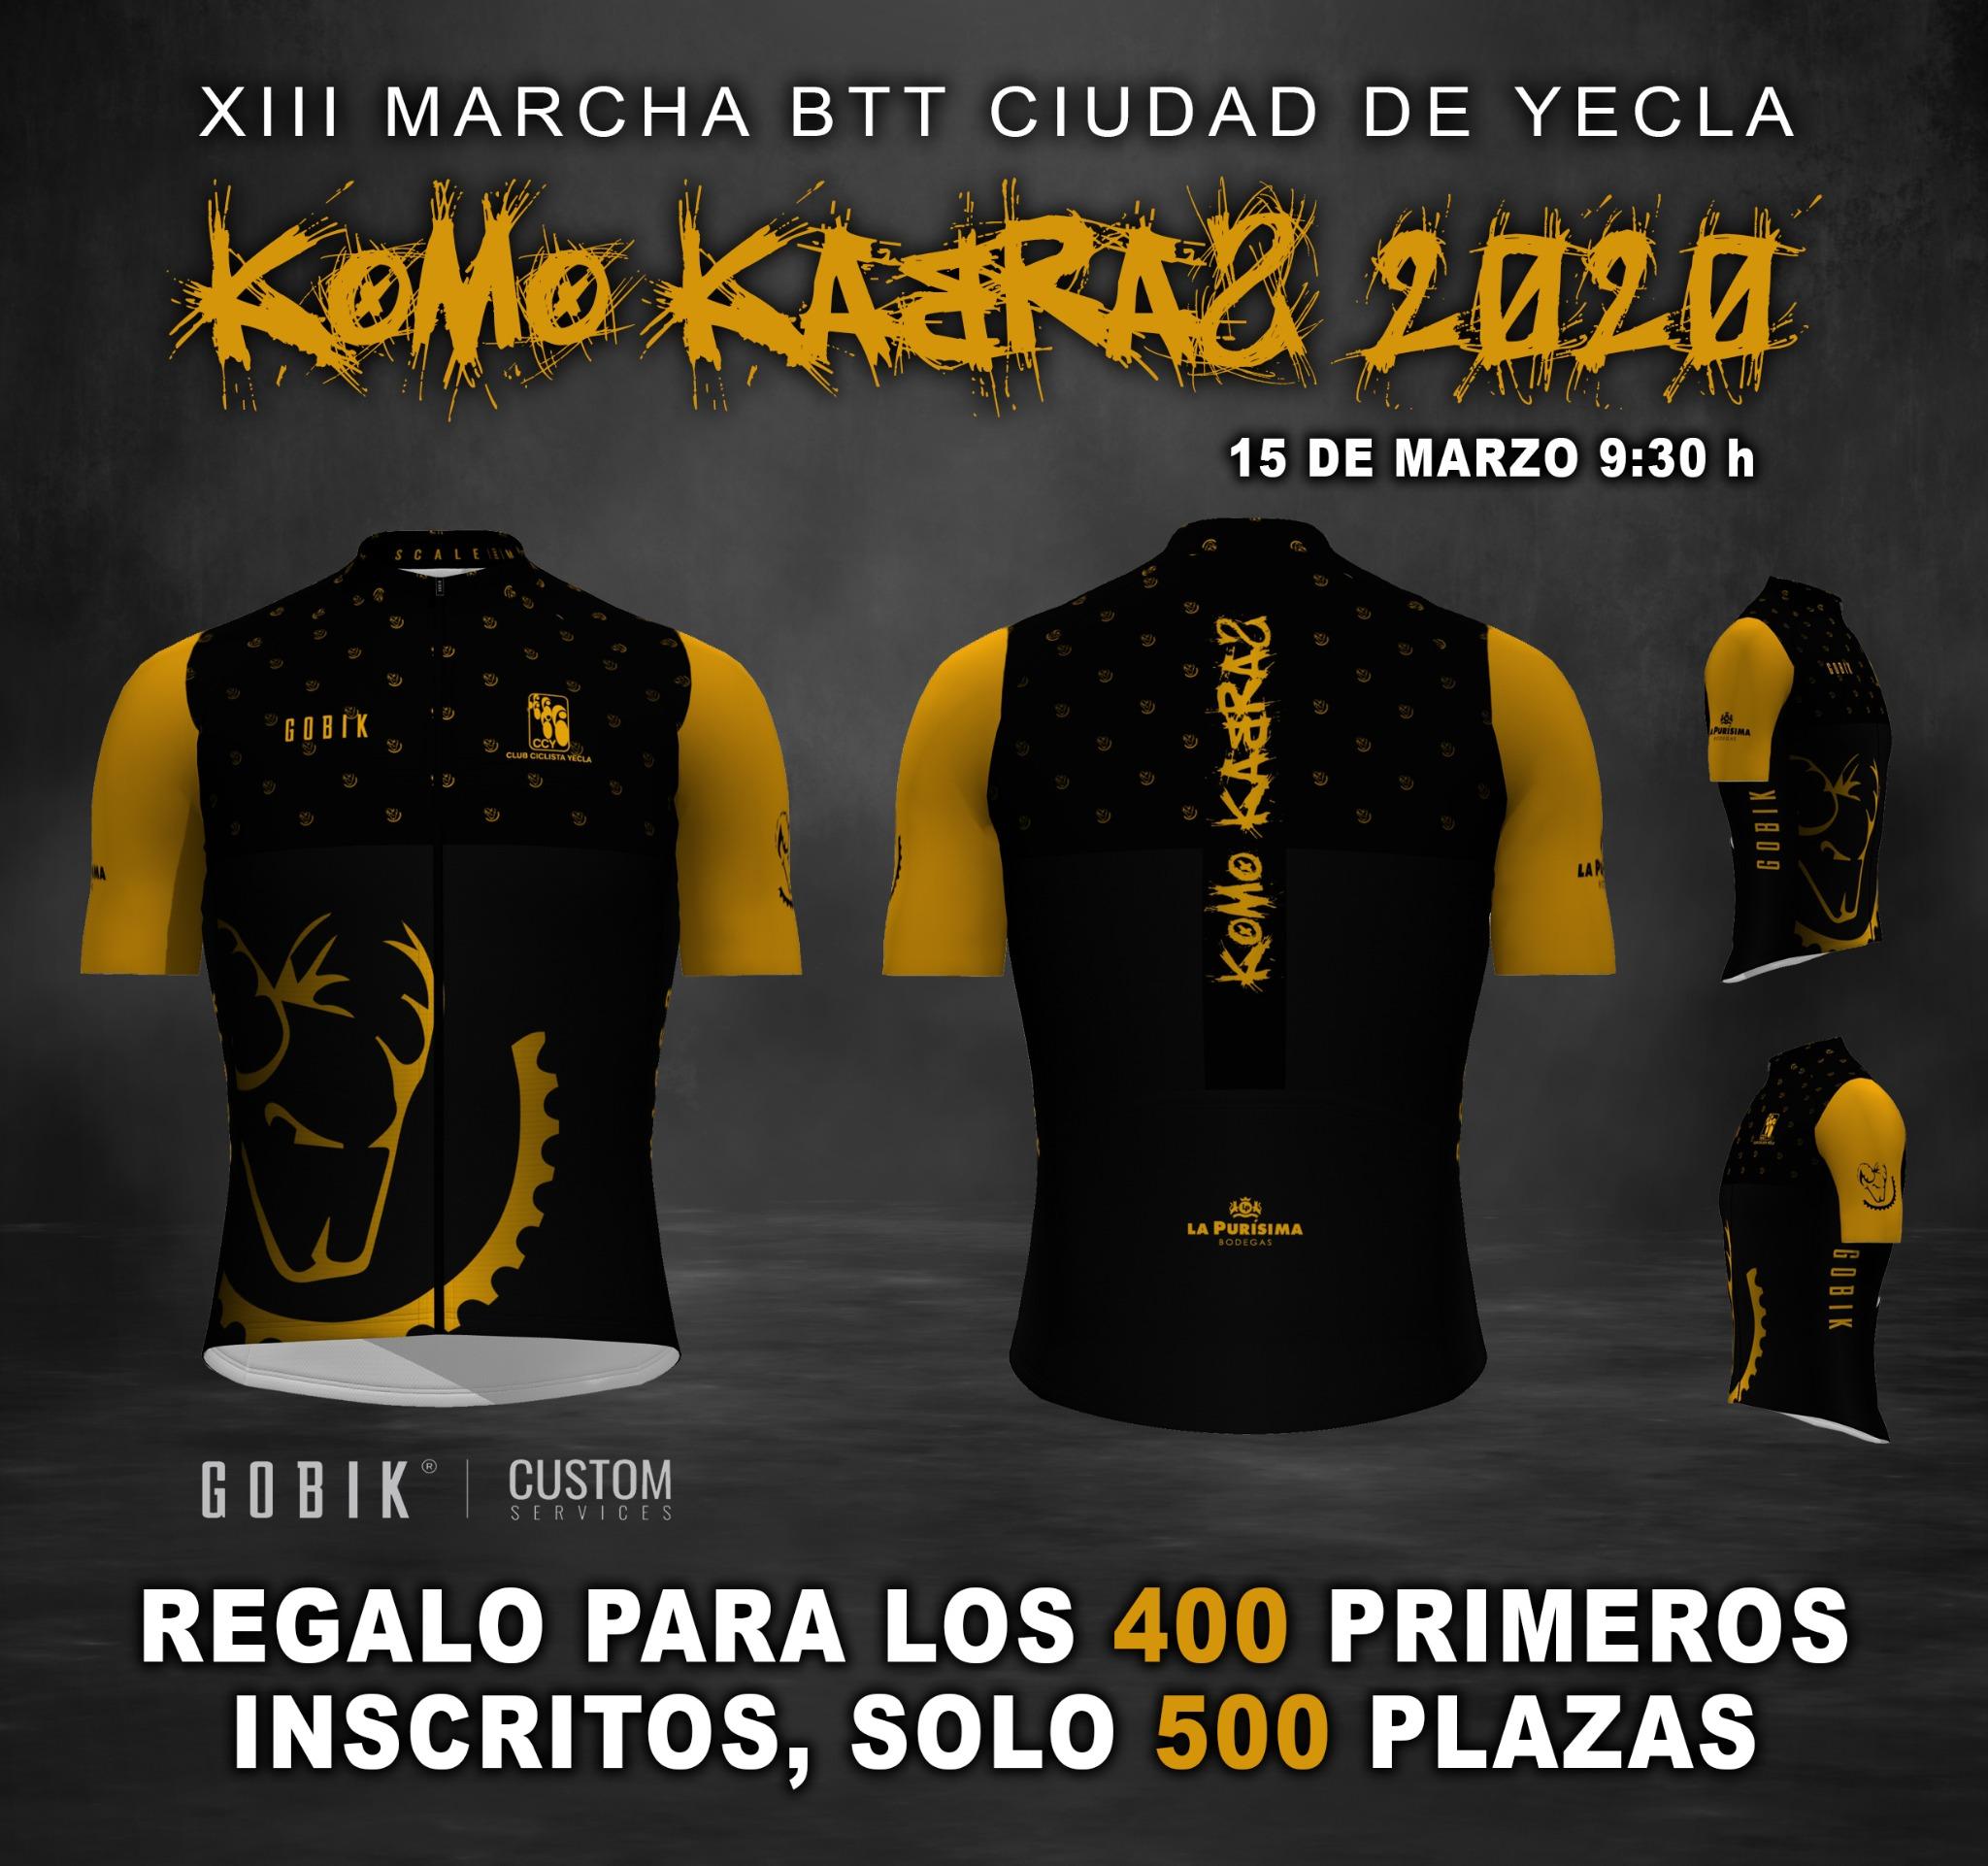 http://cronomur.es/assets/komokabras2020_regalo.jpeg